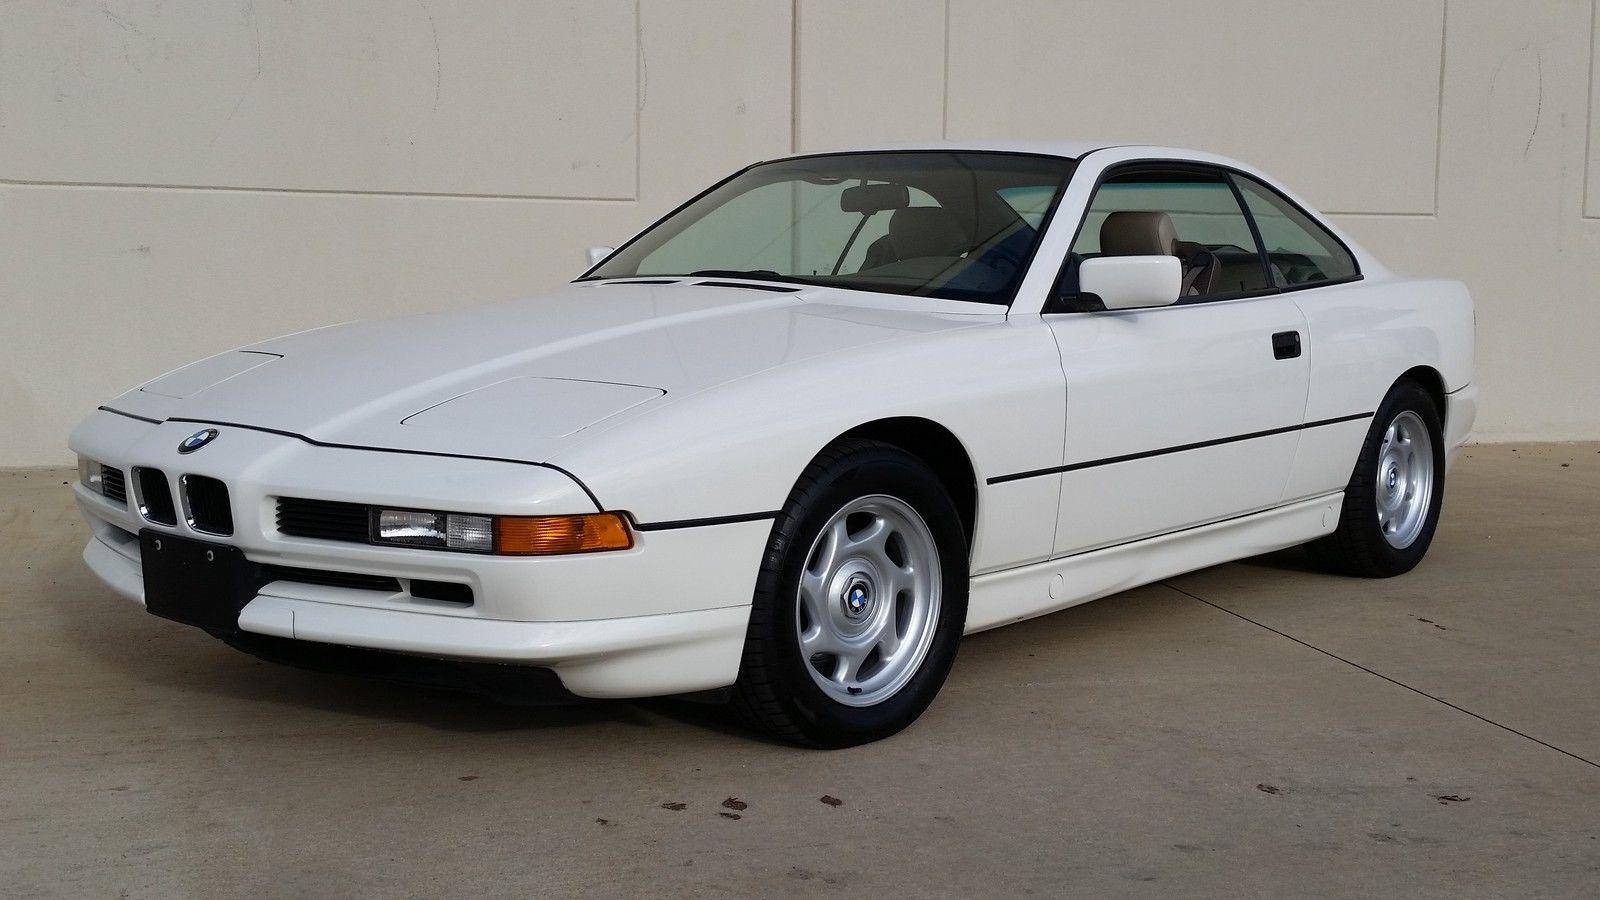 1991 bmw 8 series 850i coupe v12 cars for sale. Black Bedroom Furniture Sets. Home Design Ideas